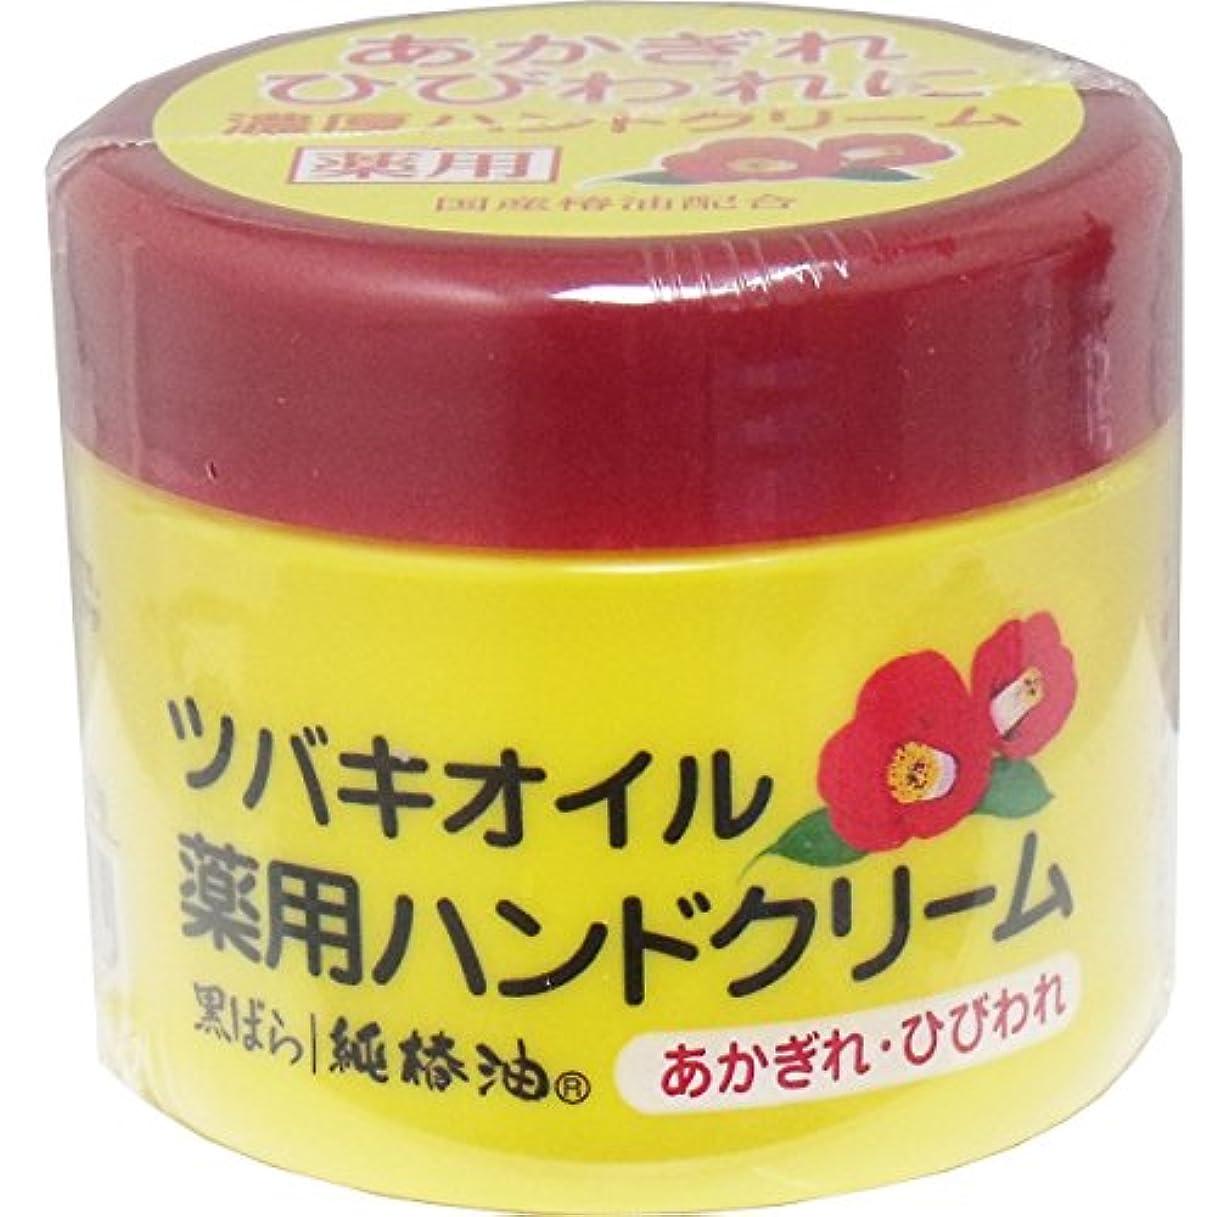 ドロードループ忍耐【まとめ買い】ツバキオイル 薬用ハンドクリーム ×2セット